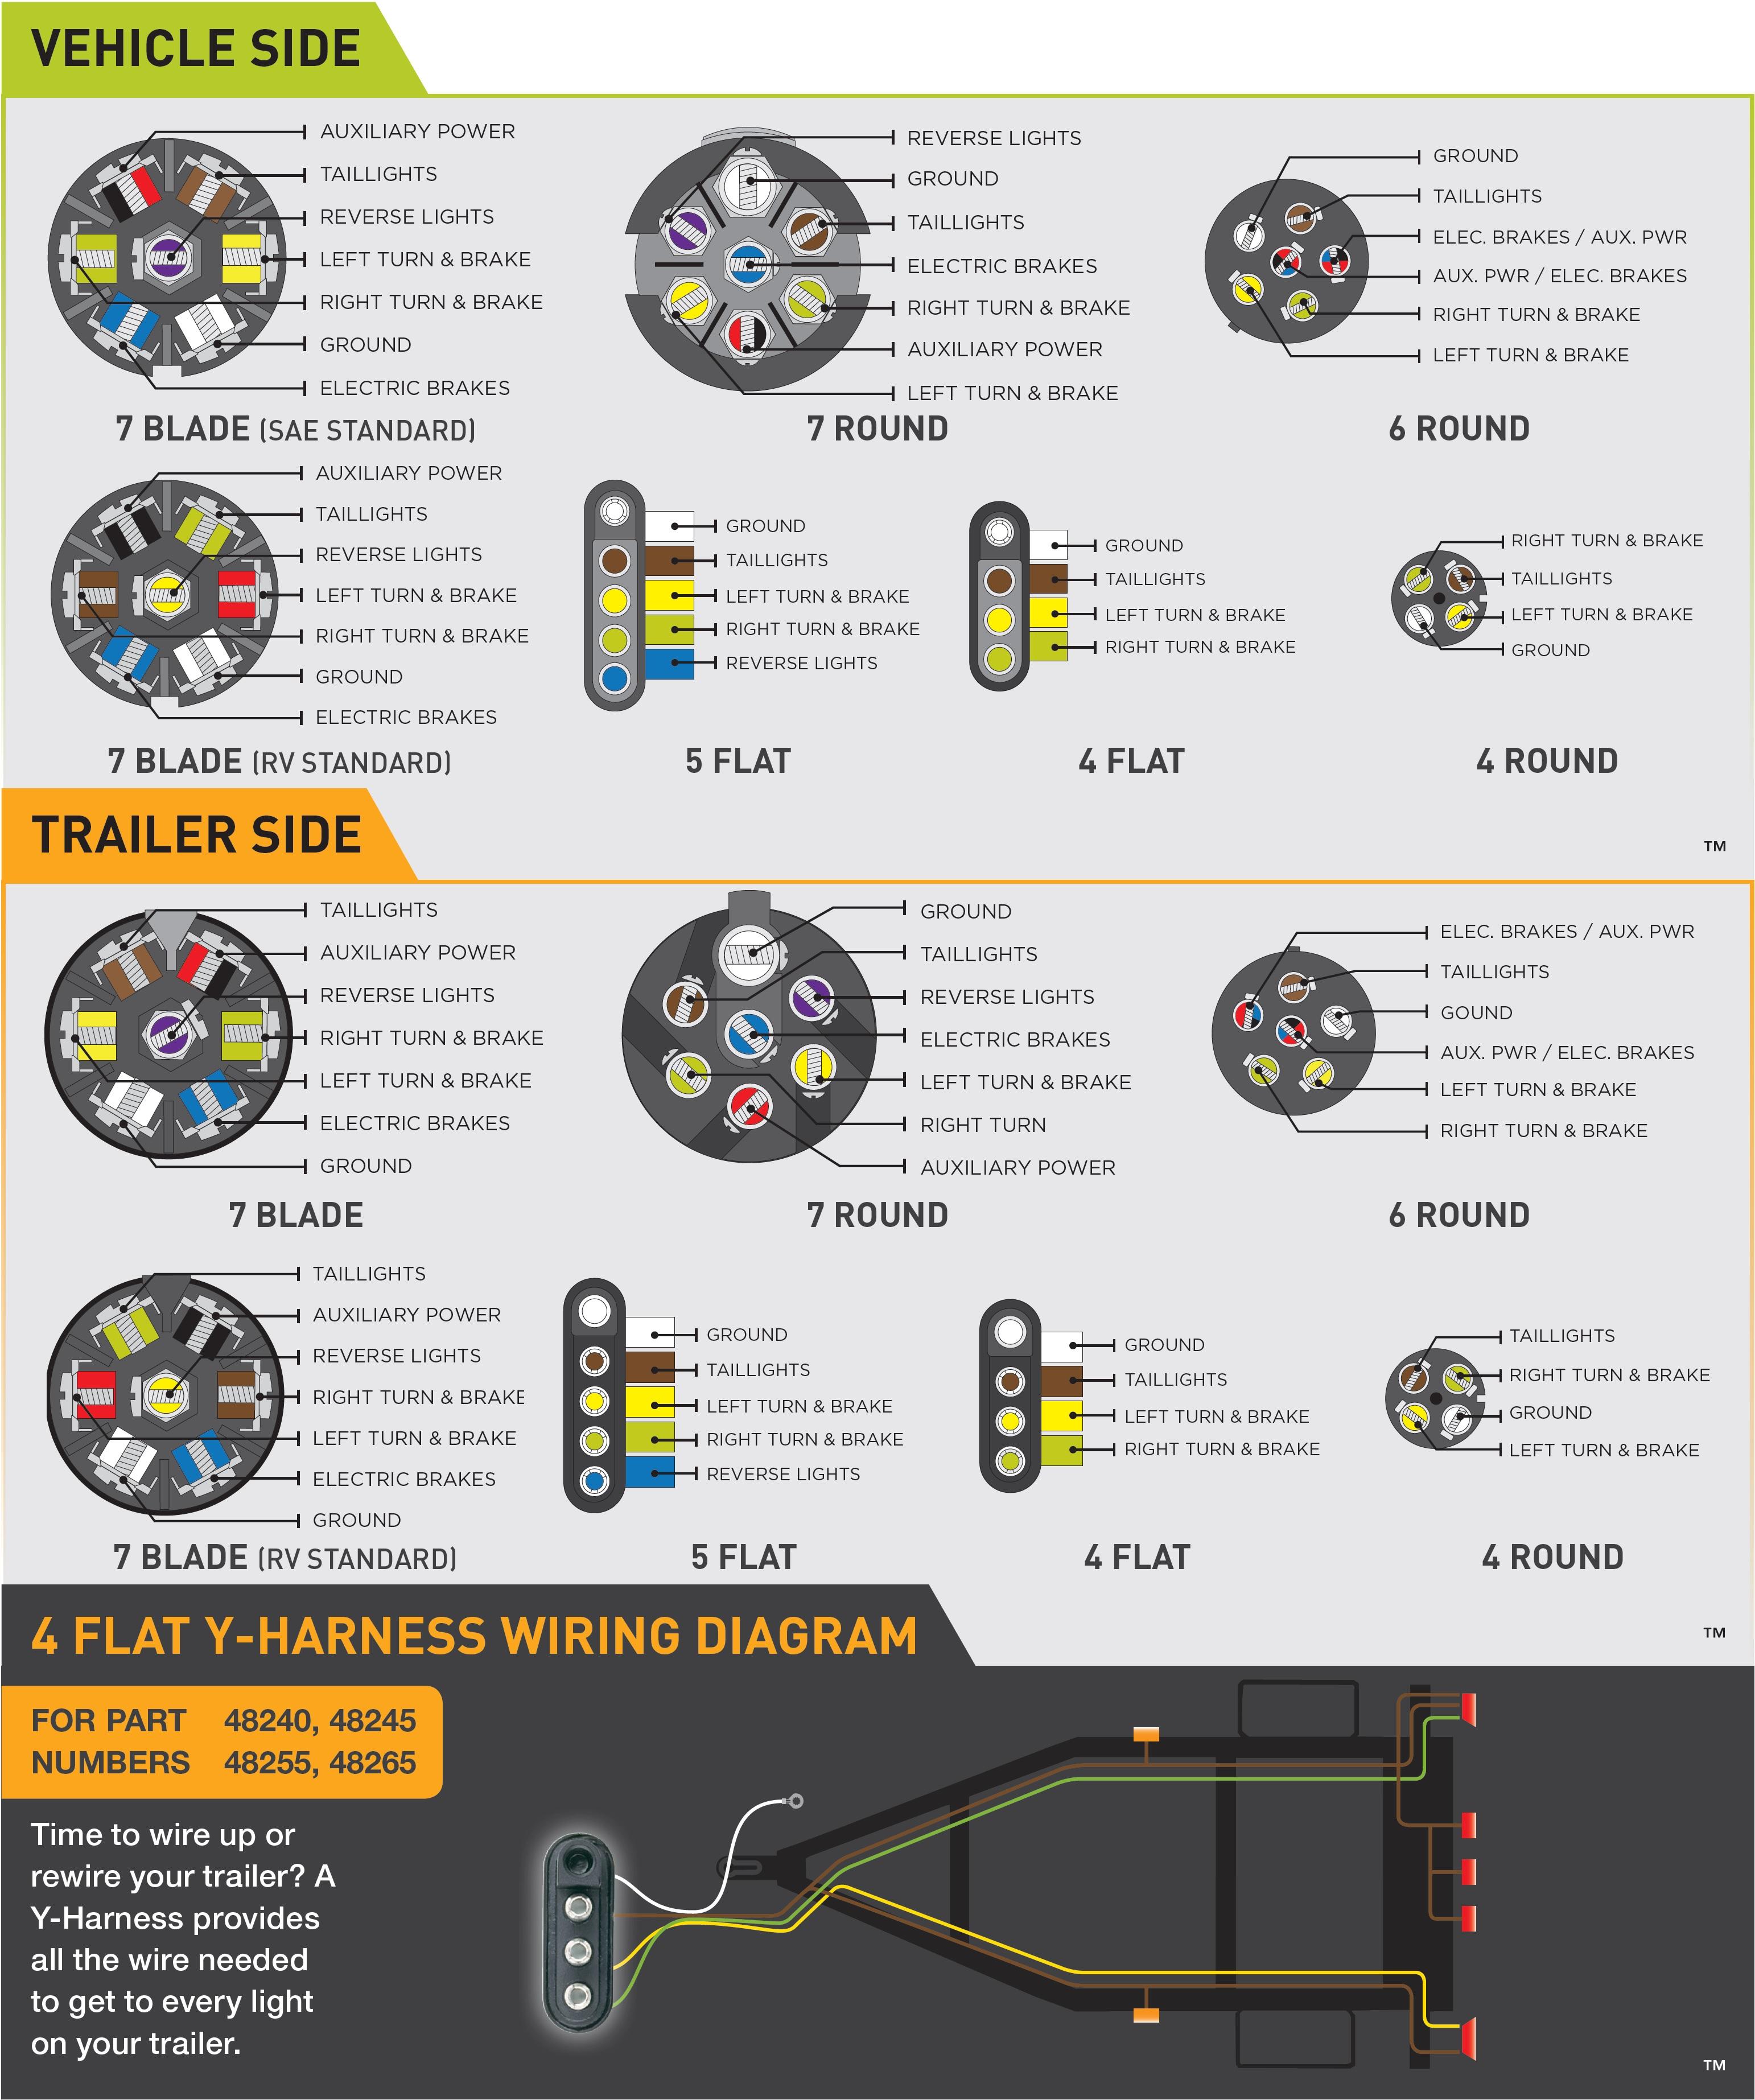 Wiring Guides - Electric Brake Wiring Diagram